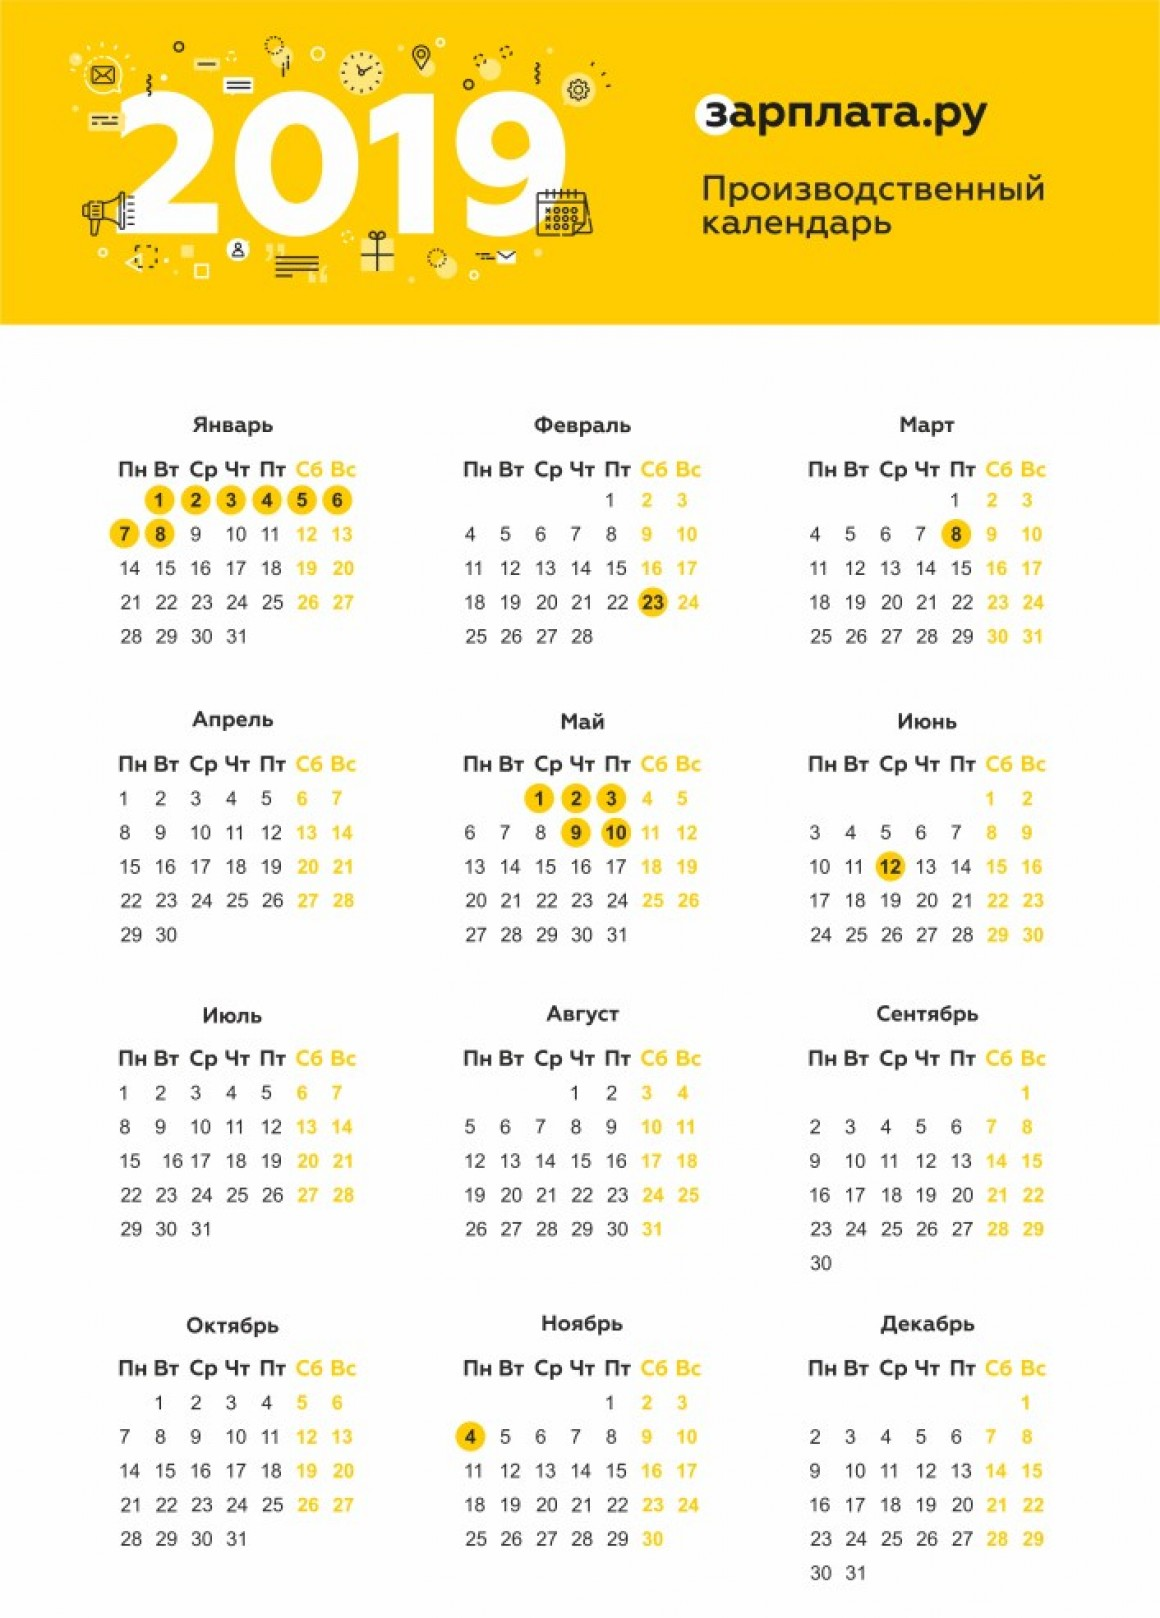 Когда мы будем отдыхать в 2019 году. Производственный календарь